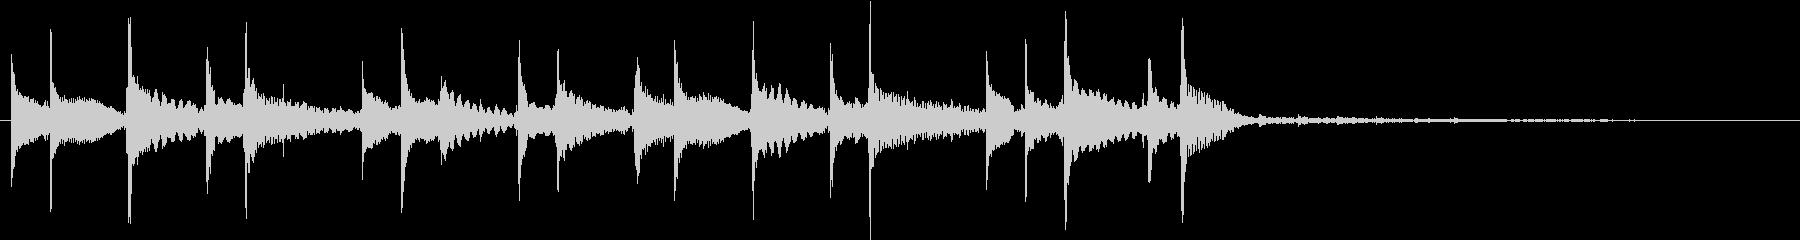 ミステリー、SFに合う不気味なBGMの未再生の波形